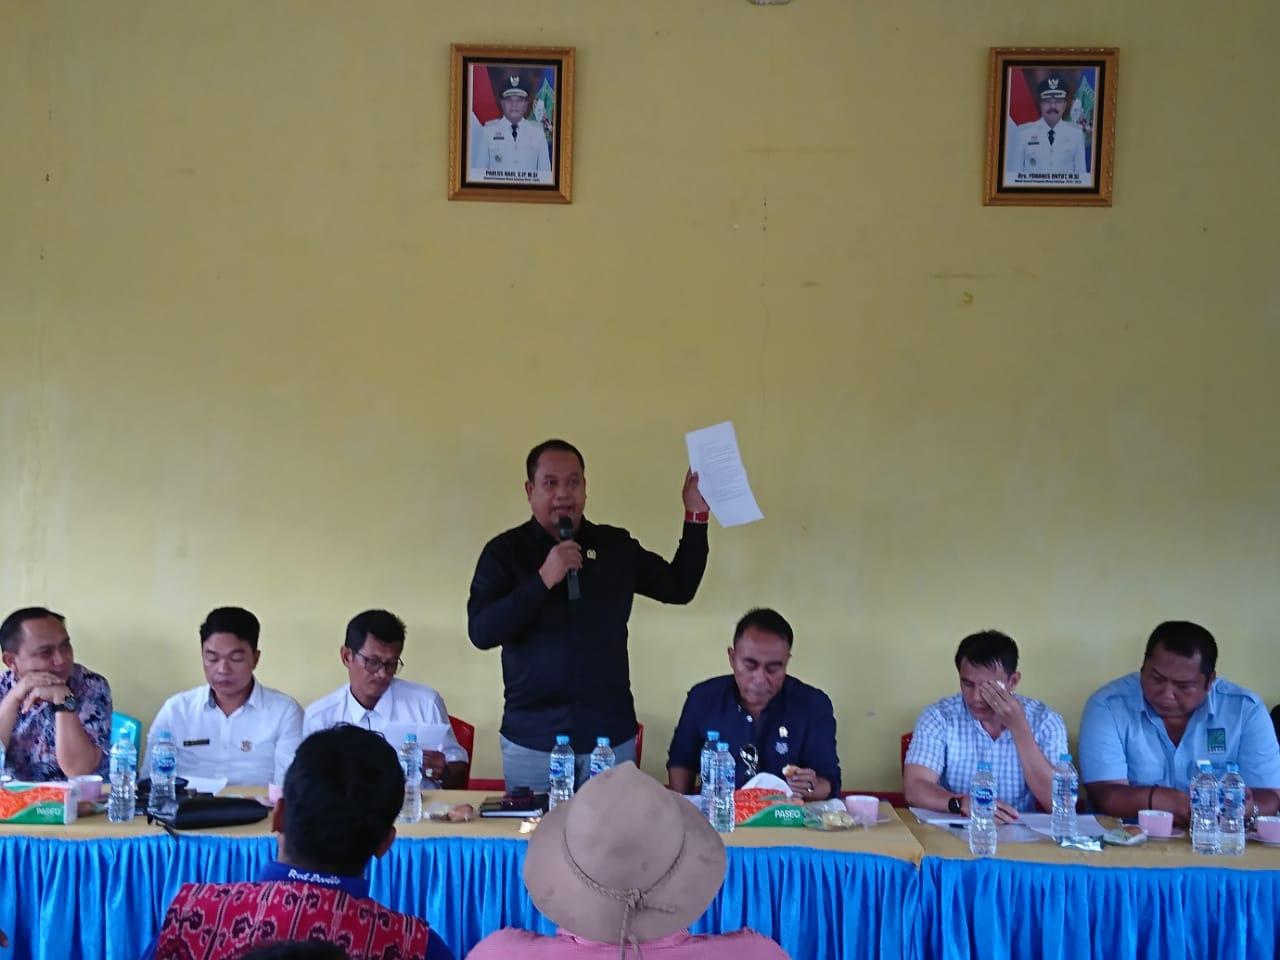 Foto--Ketua DPRD Sanggau, Jumadi menunjukan surat tuntutan petani saat pertemuan, Rabu (12/2/2020)---DPRD Sanggau untuk Kalimantantoday.com